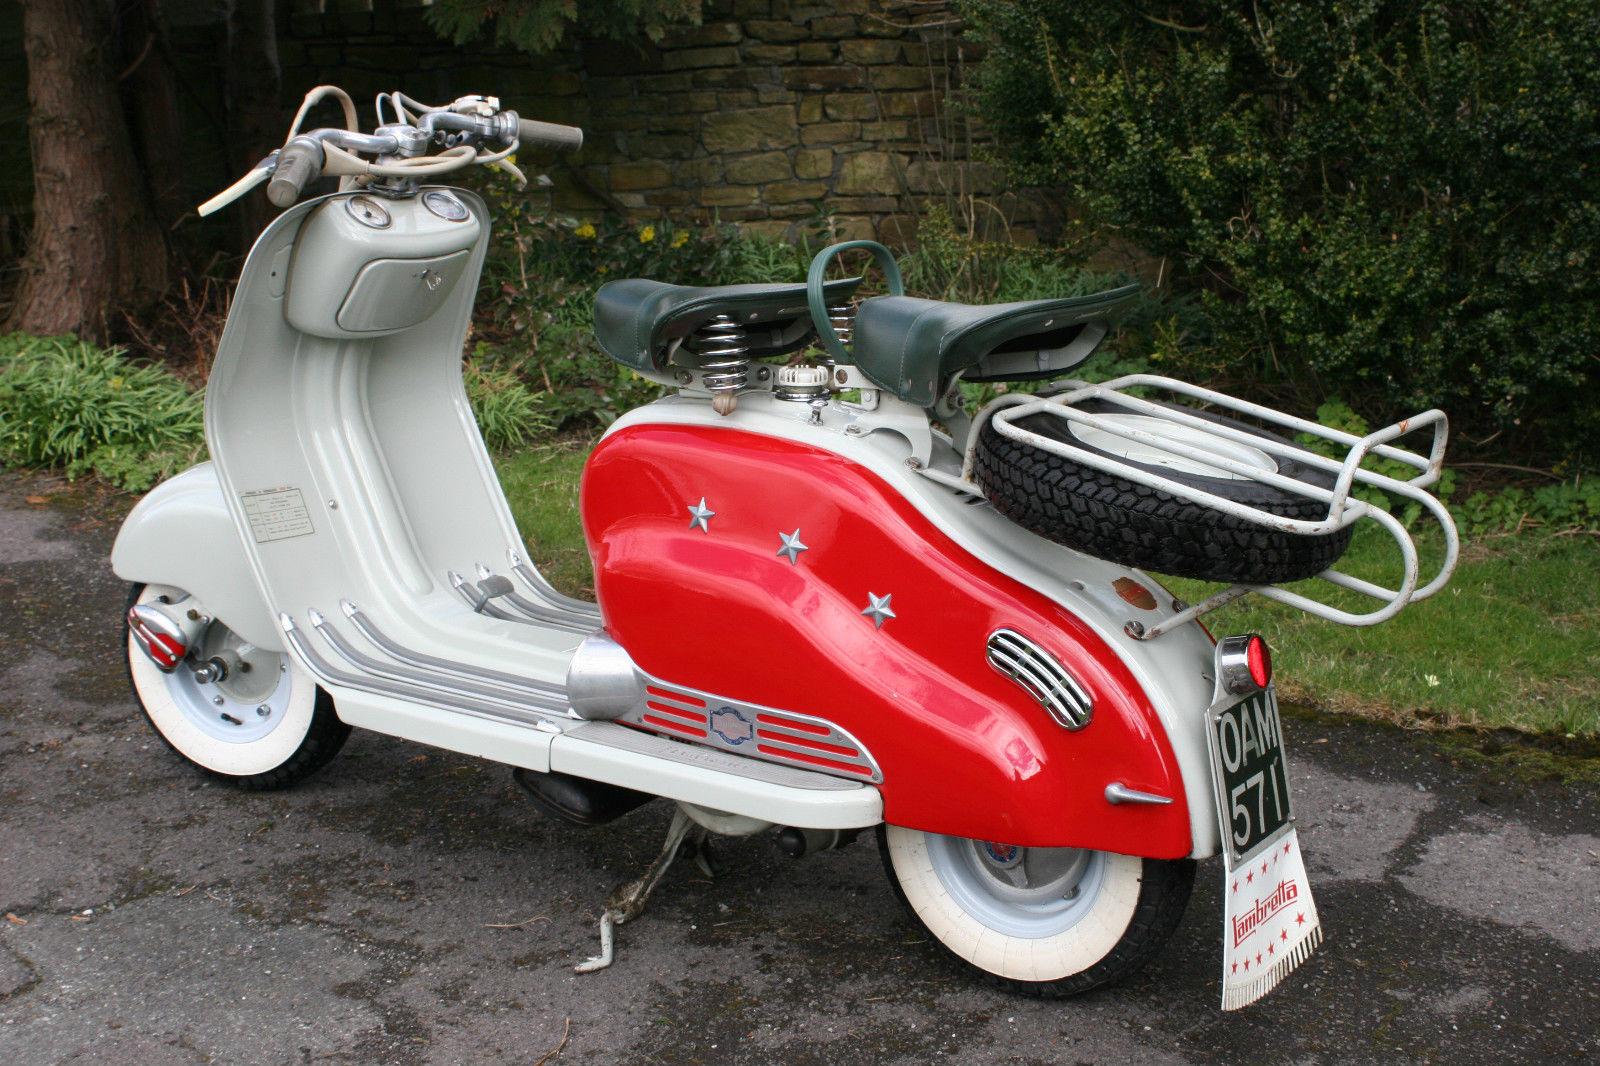 LDMkII-eBay-1